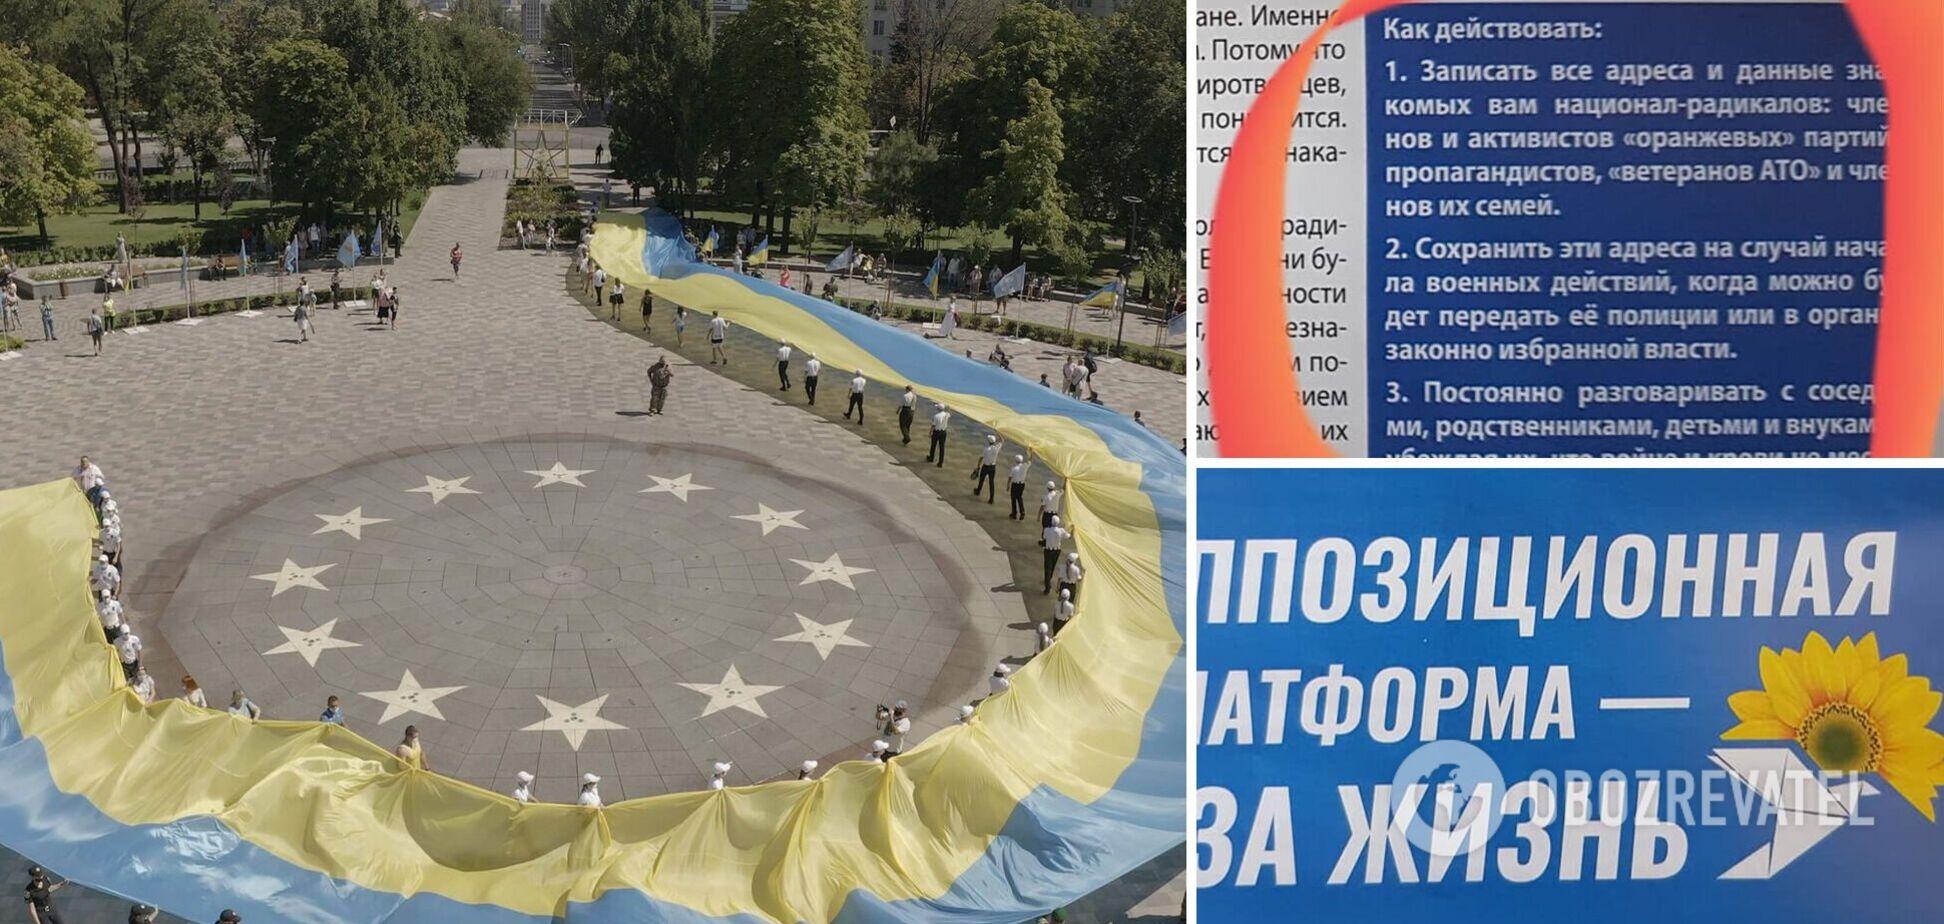 Российская пропаганда в Мариуполе